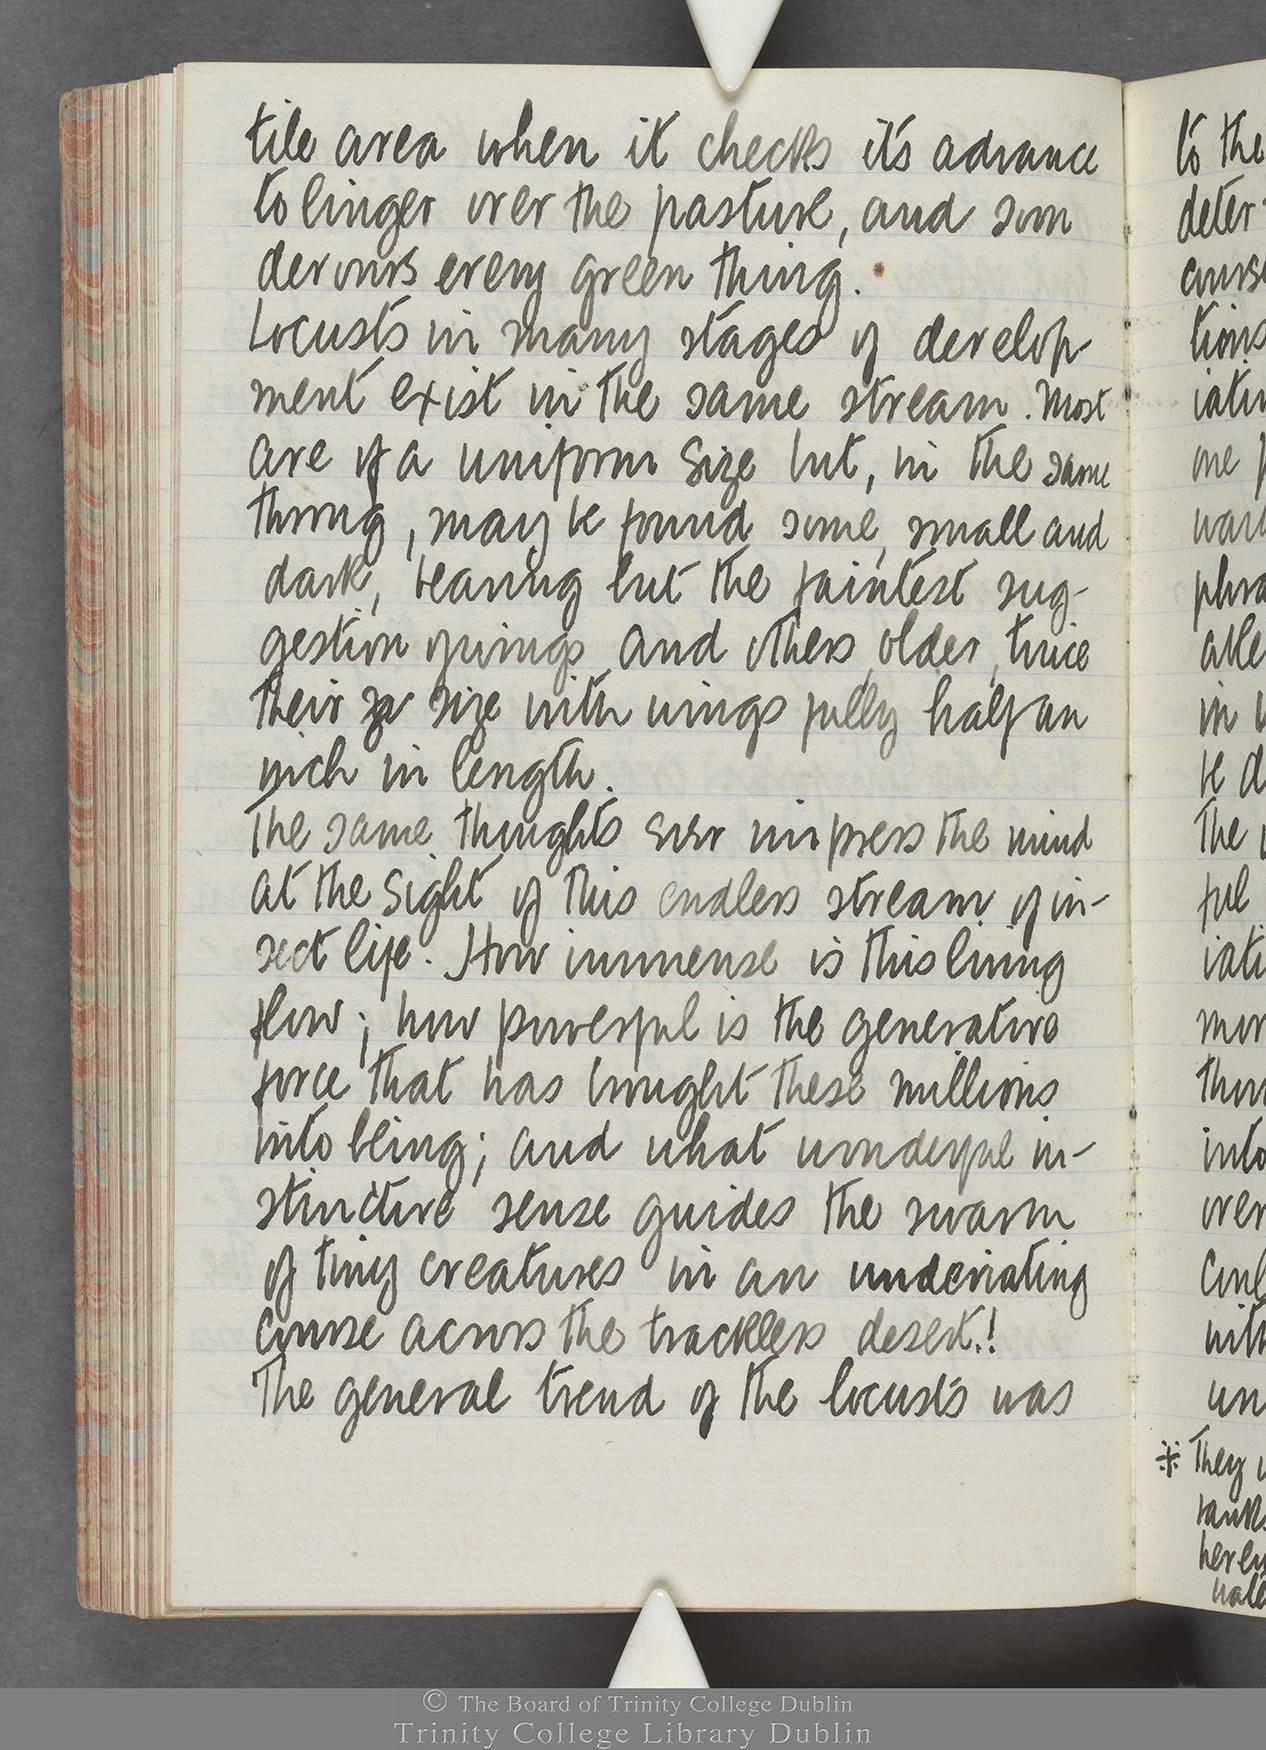 TCD MS 10515 folio 86 verso